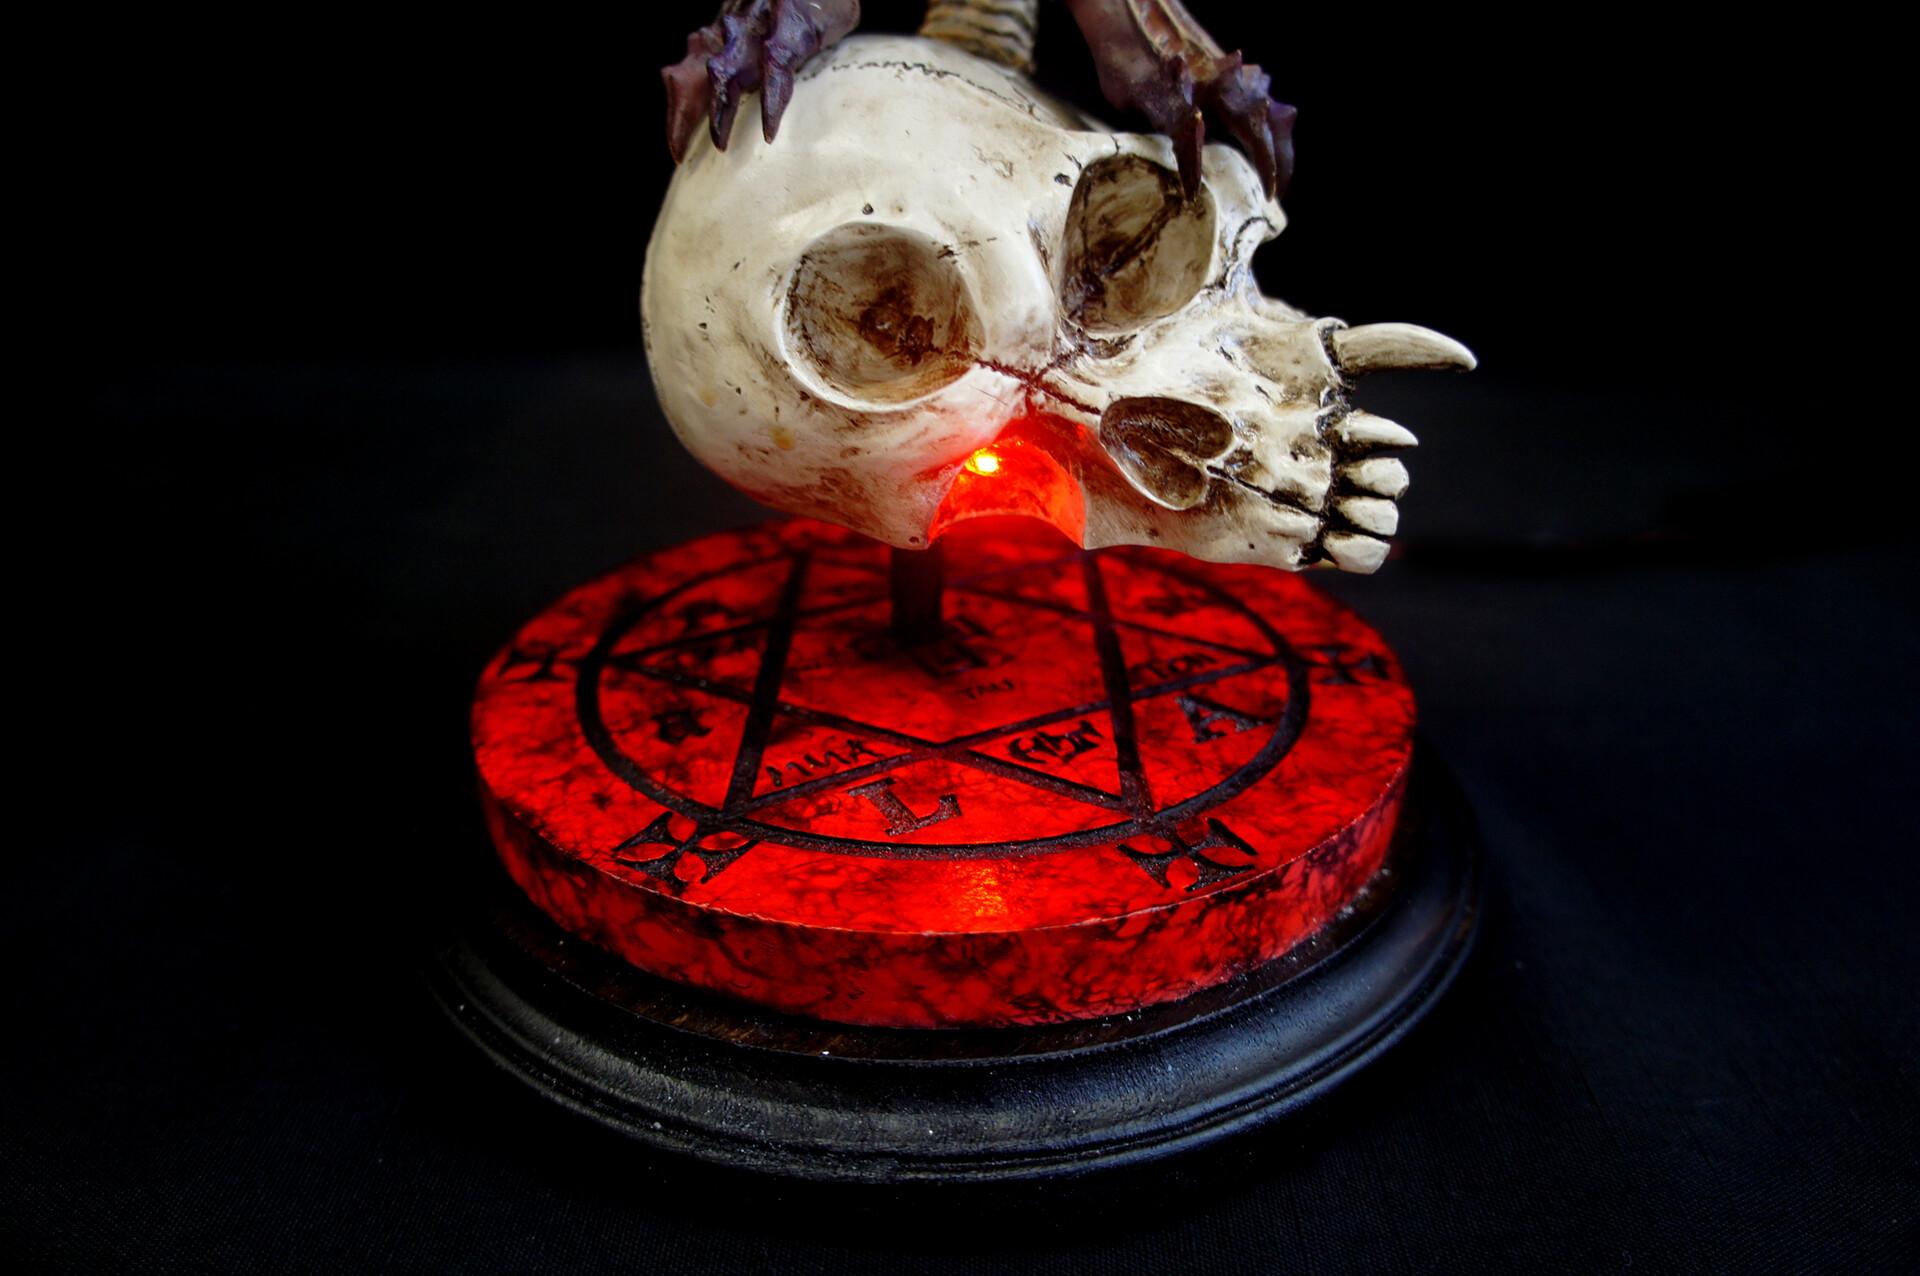 アモン デビルマン黙示録 + 魔法陣ベース ワ 1:6 レジンキット Apocalypse of Devilman : Amon